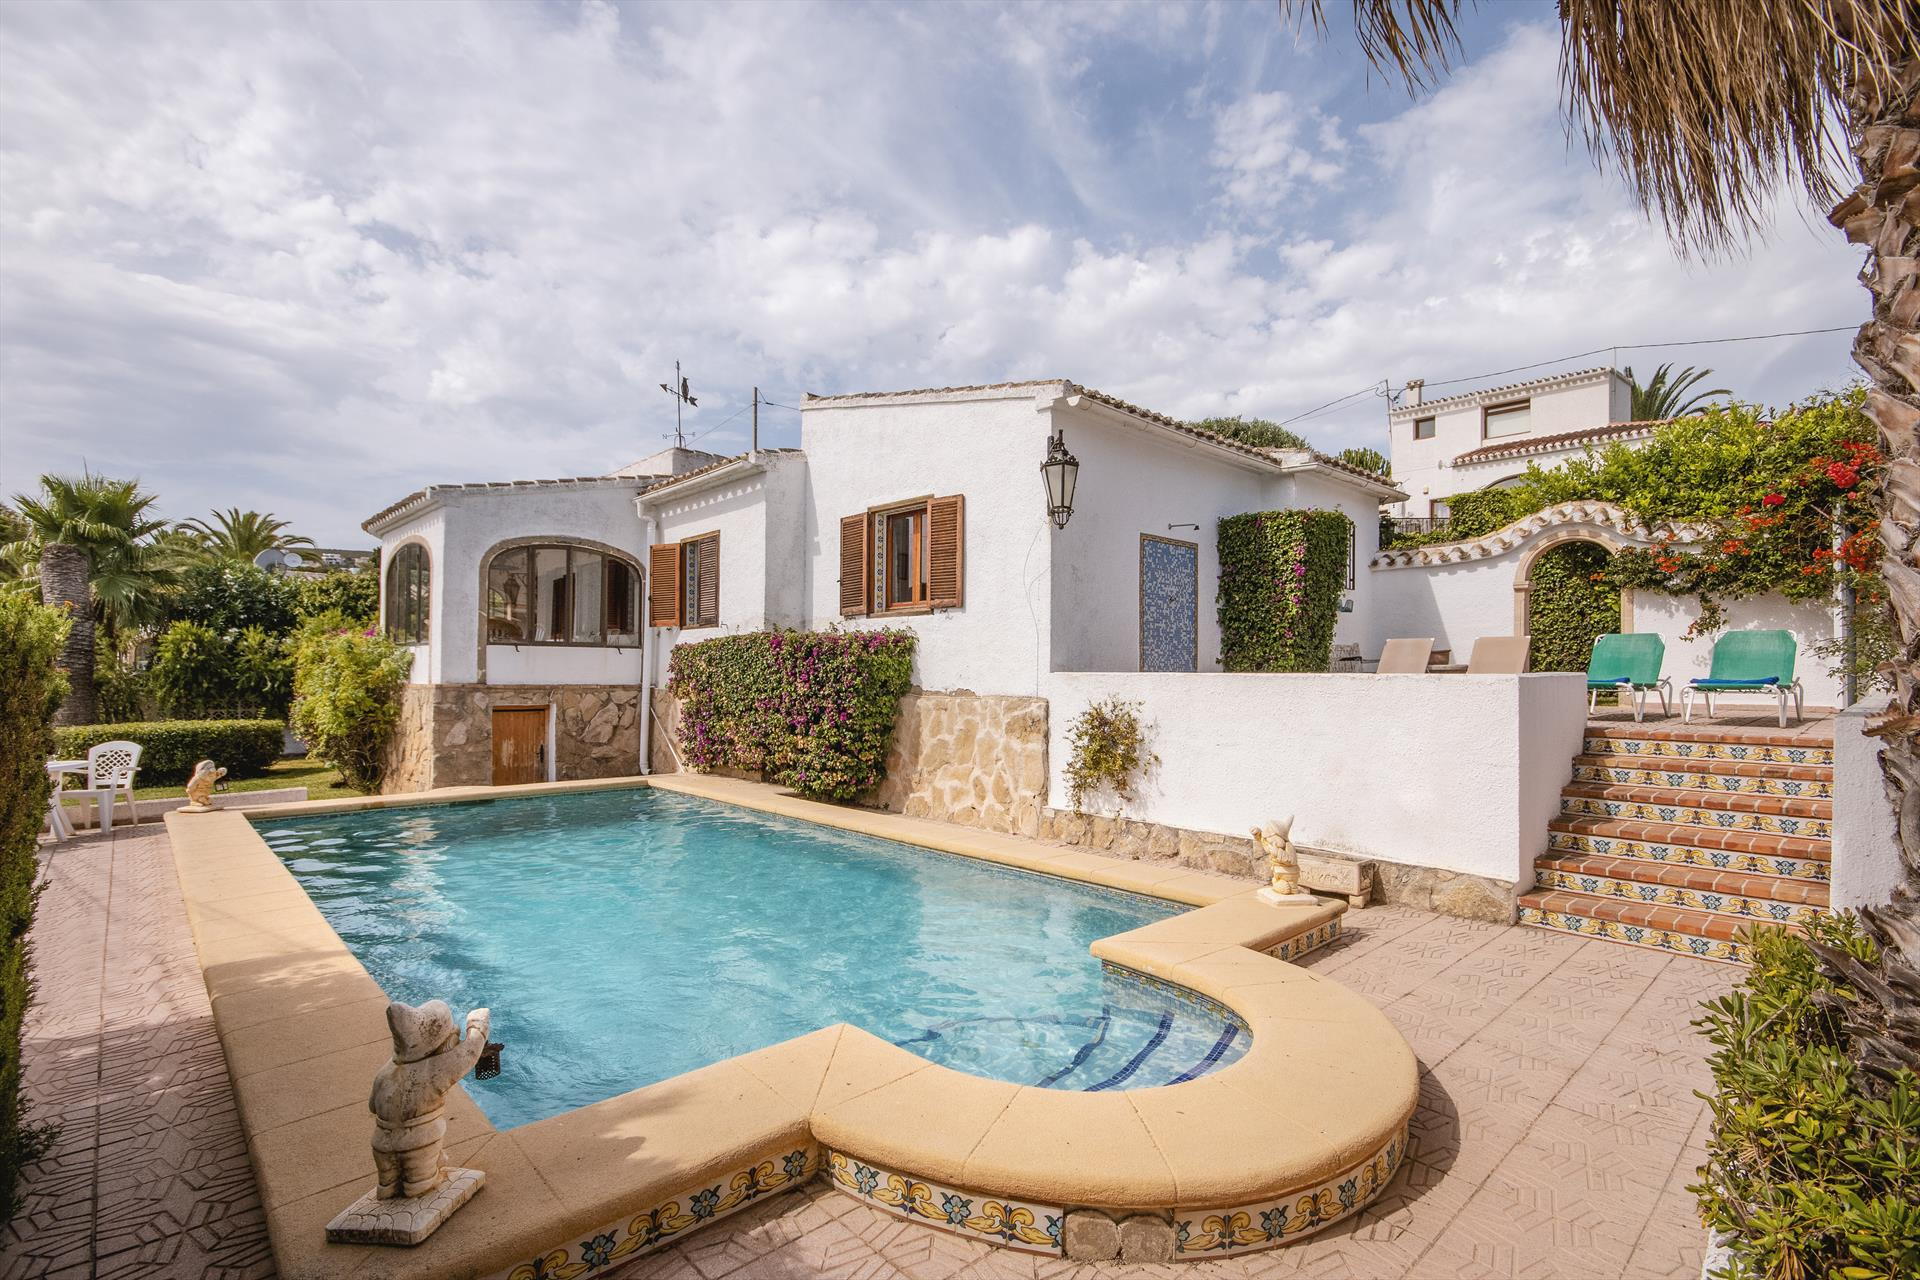 Rustica,Villa rustique et classique à Javea, sur la Costa Blanca, Espagne  avec piscine privée pour 6 personnes...